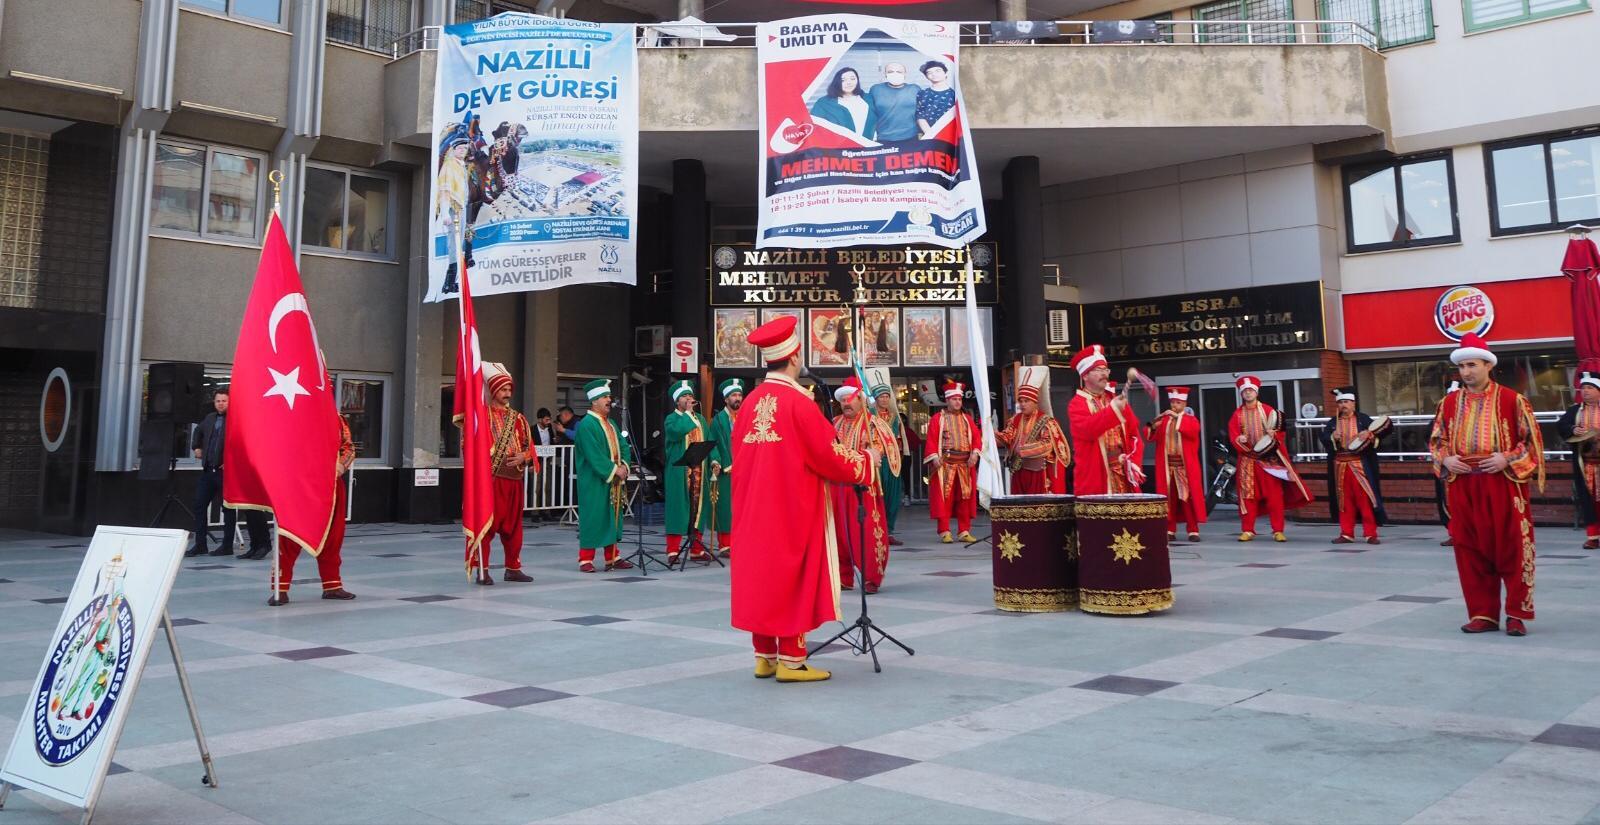 NAZİLLİ'DE FESTİVAL COŞKUSU